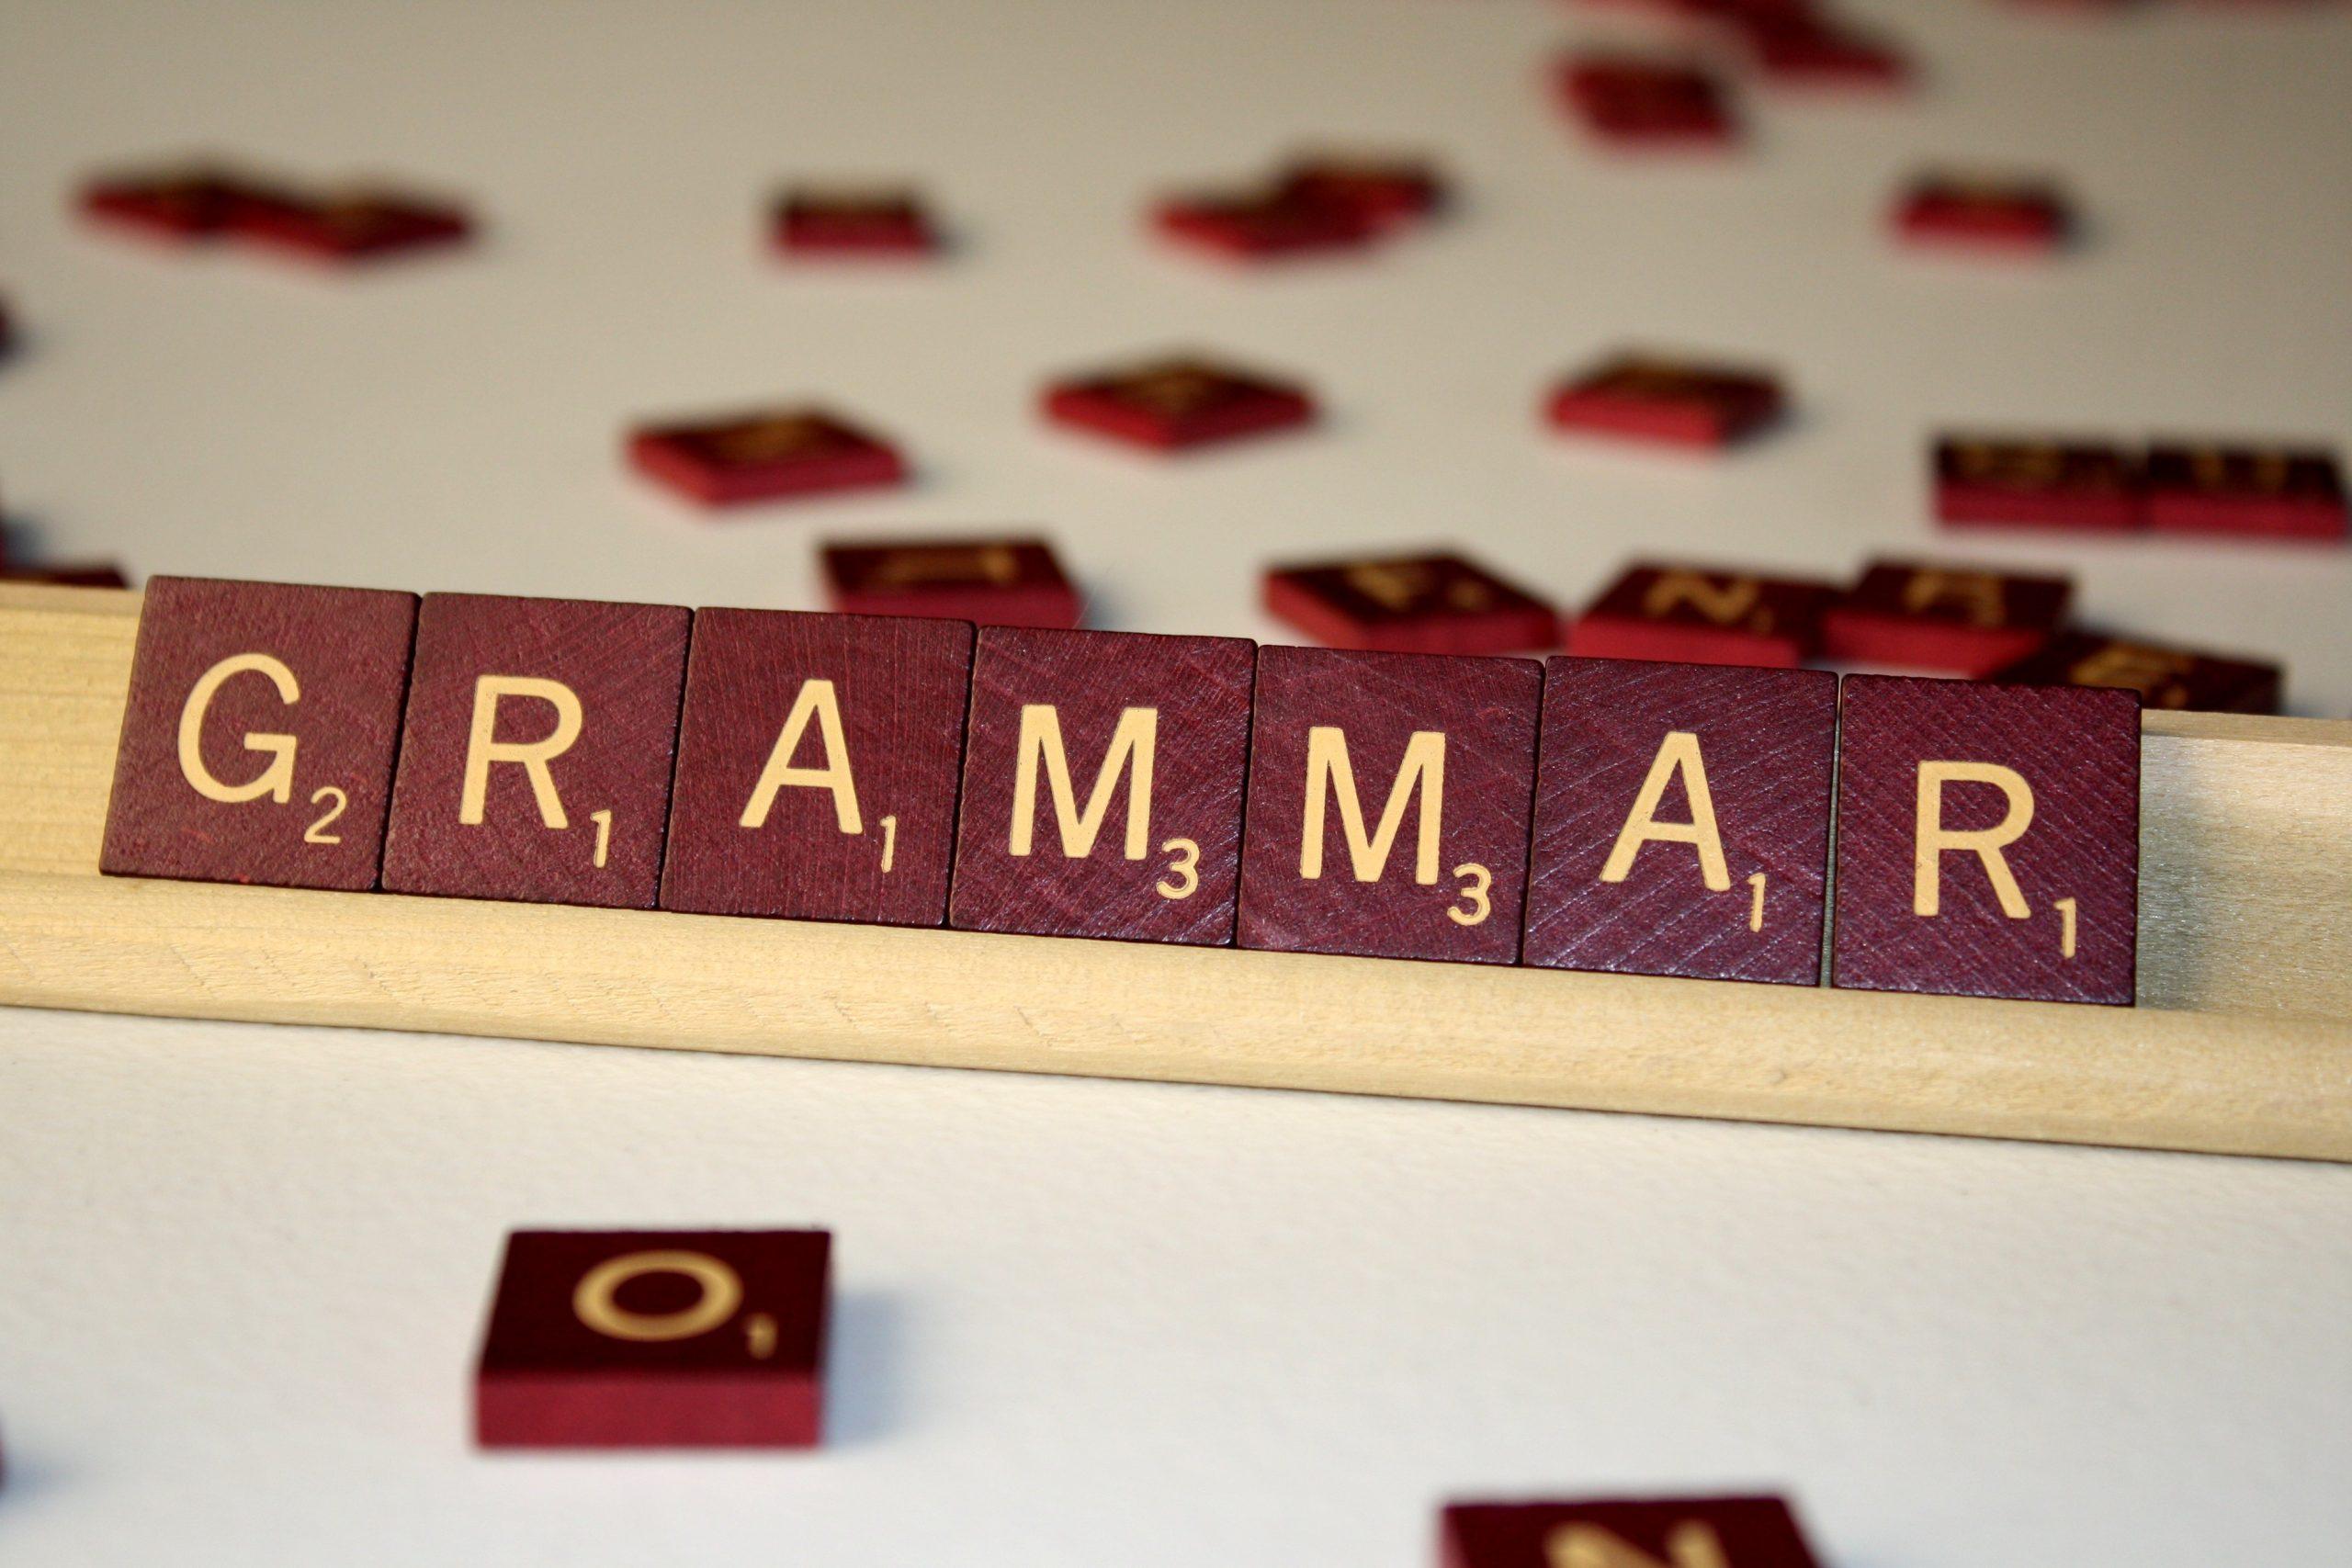 word-grammar-spelt-in-scrabble-letters